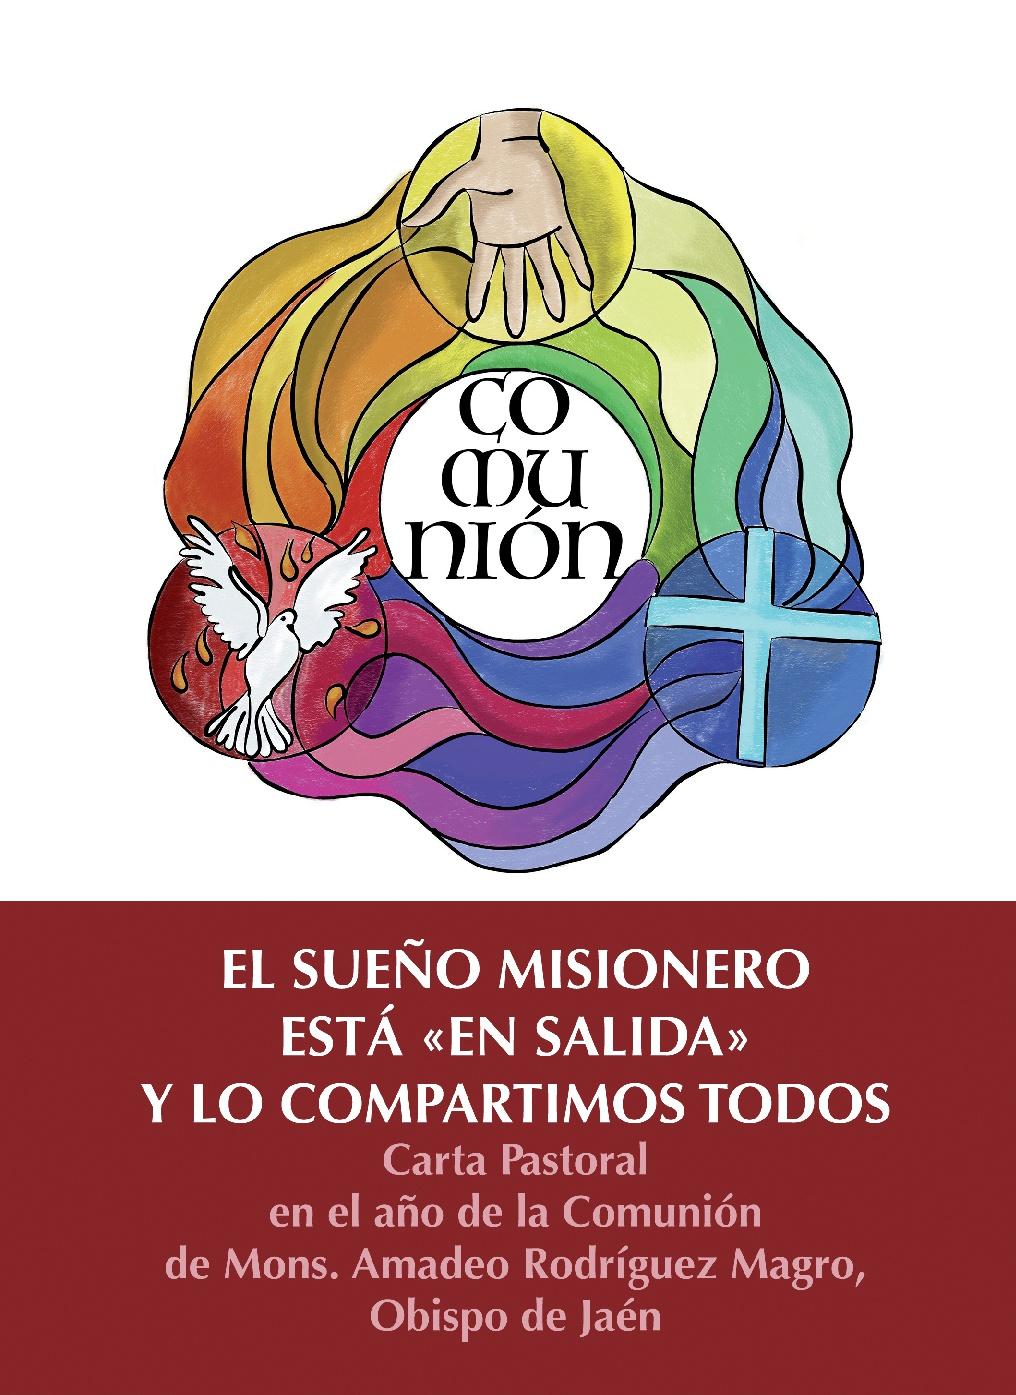 CARTA PASTORAL DEL OBISPO EN EL AÑO DE LA COMUNIÓN